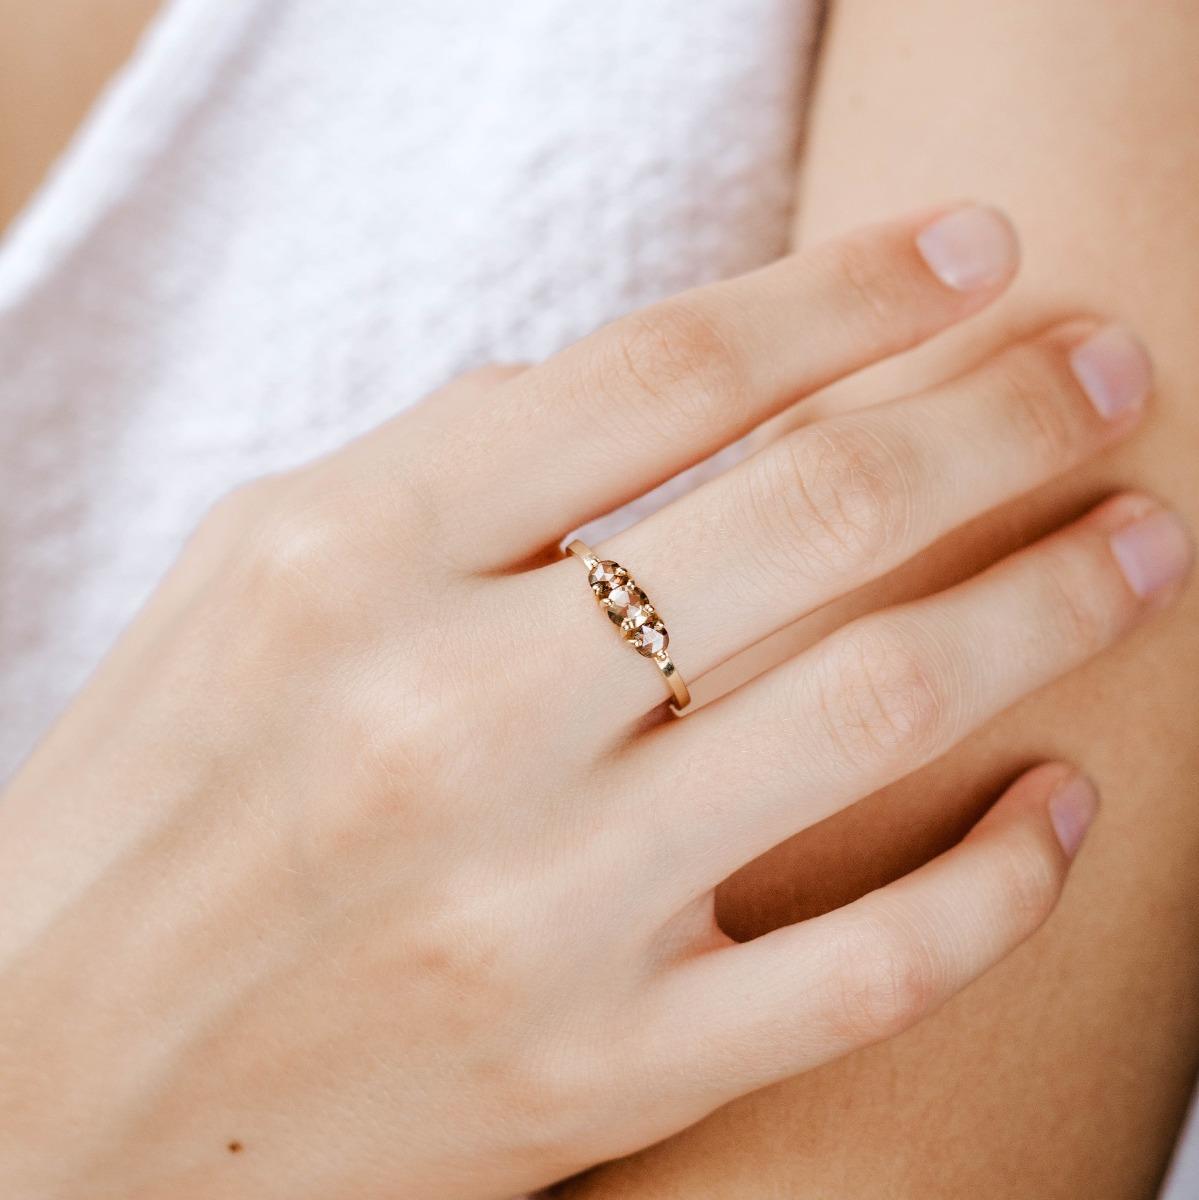 Brown Diamond Engagement Ring 14K Gold